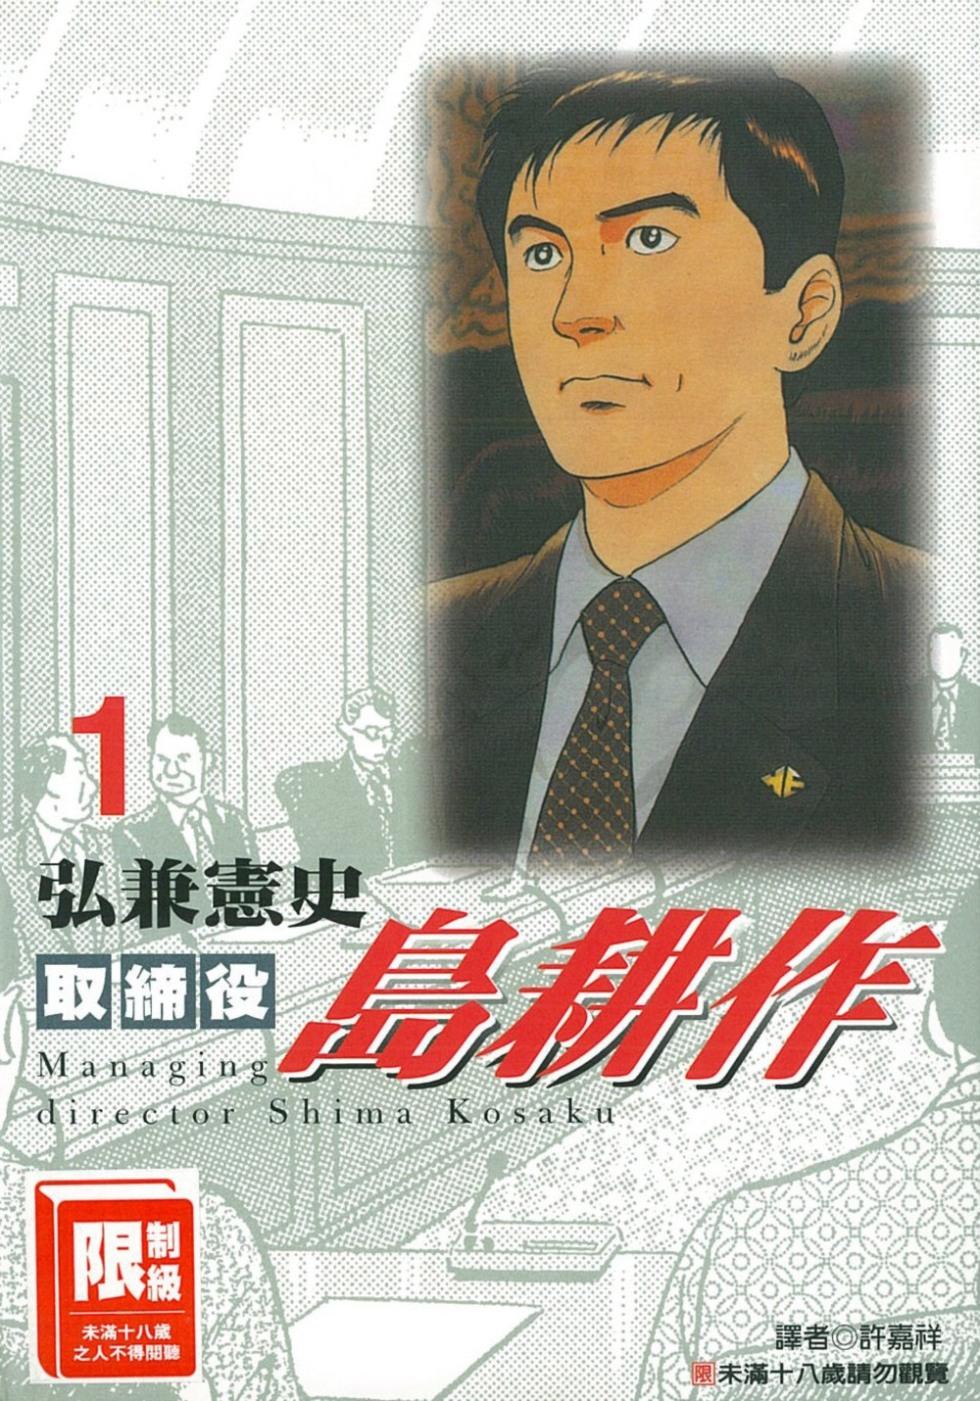 取締役島耕作(01)(限)(限...